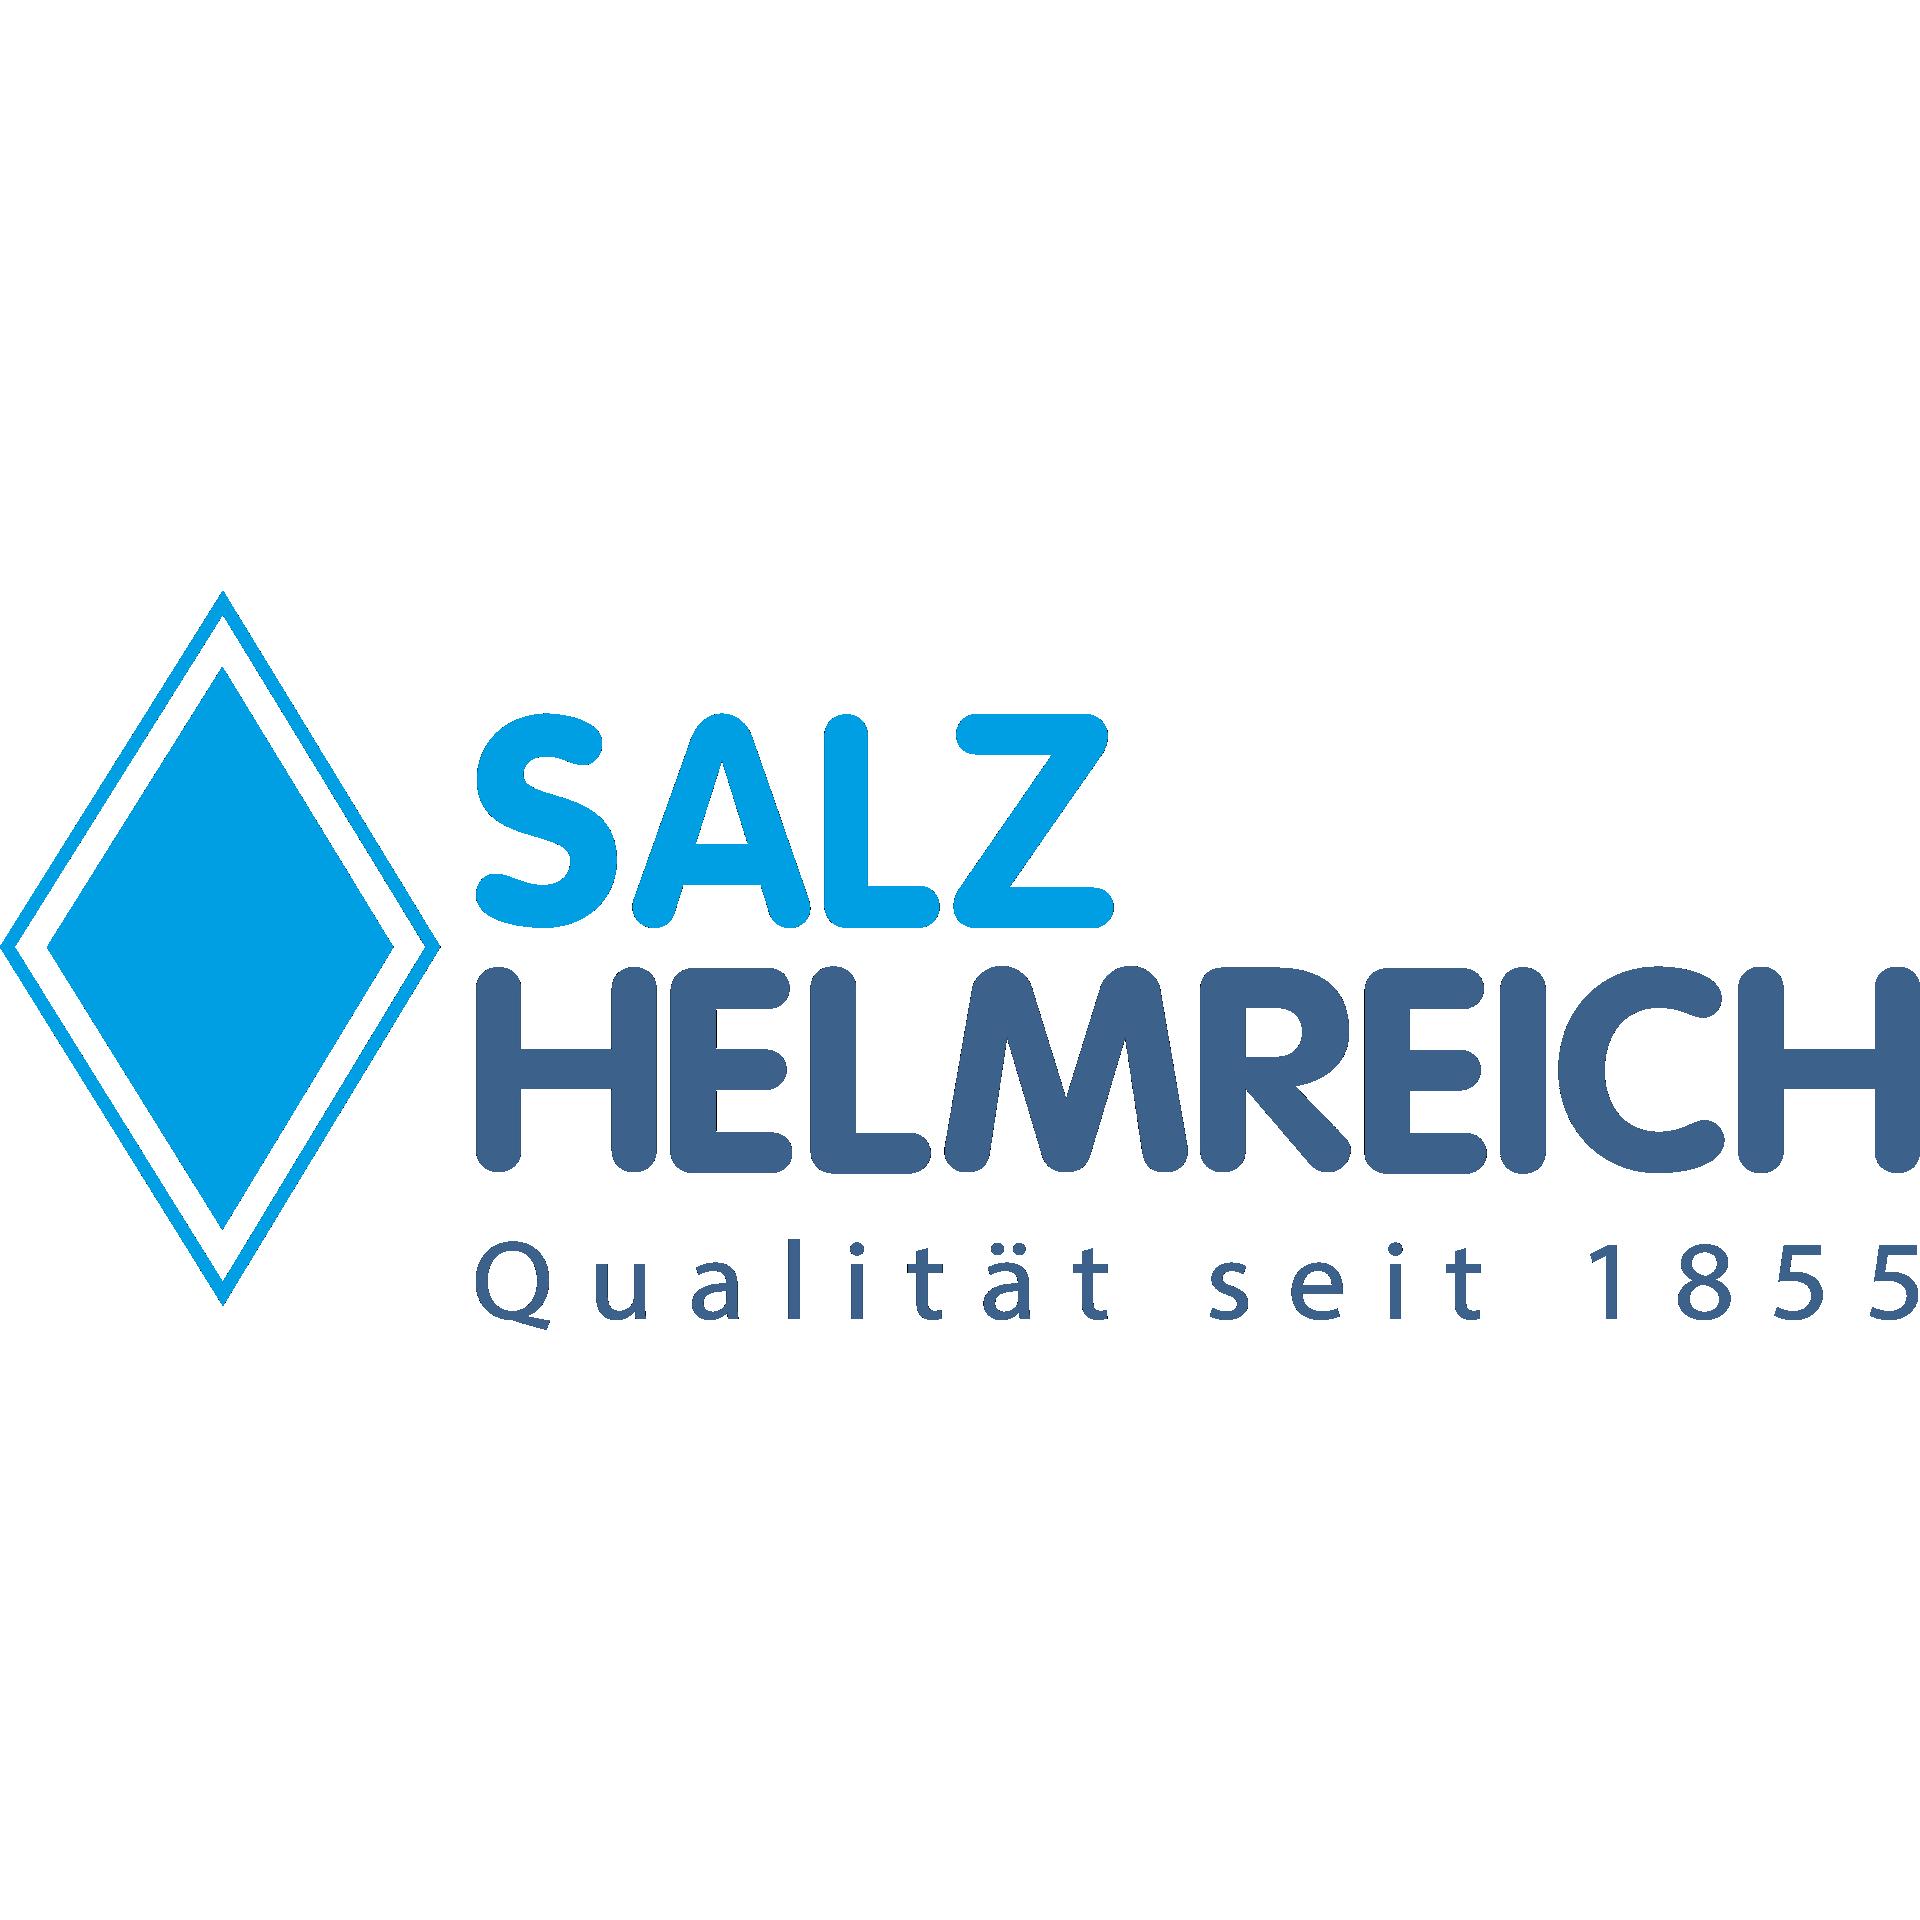 Siede - Speisesalz Pudersalz/extrafein 0-0,3mm jodiert im 25kg Sack